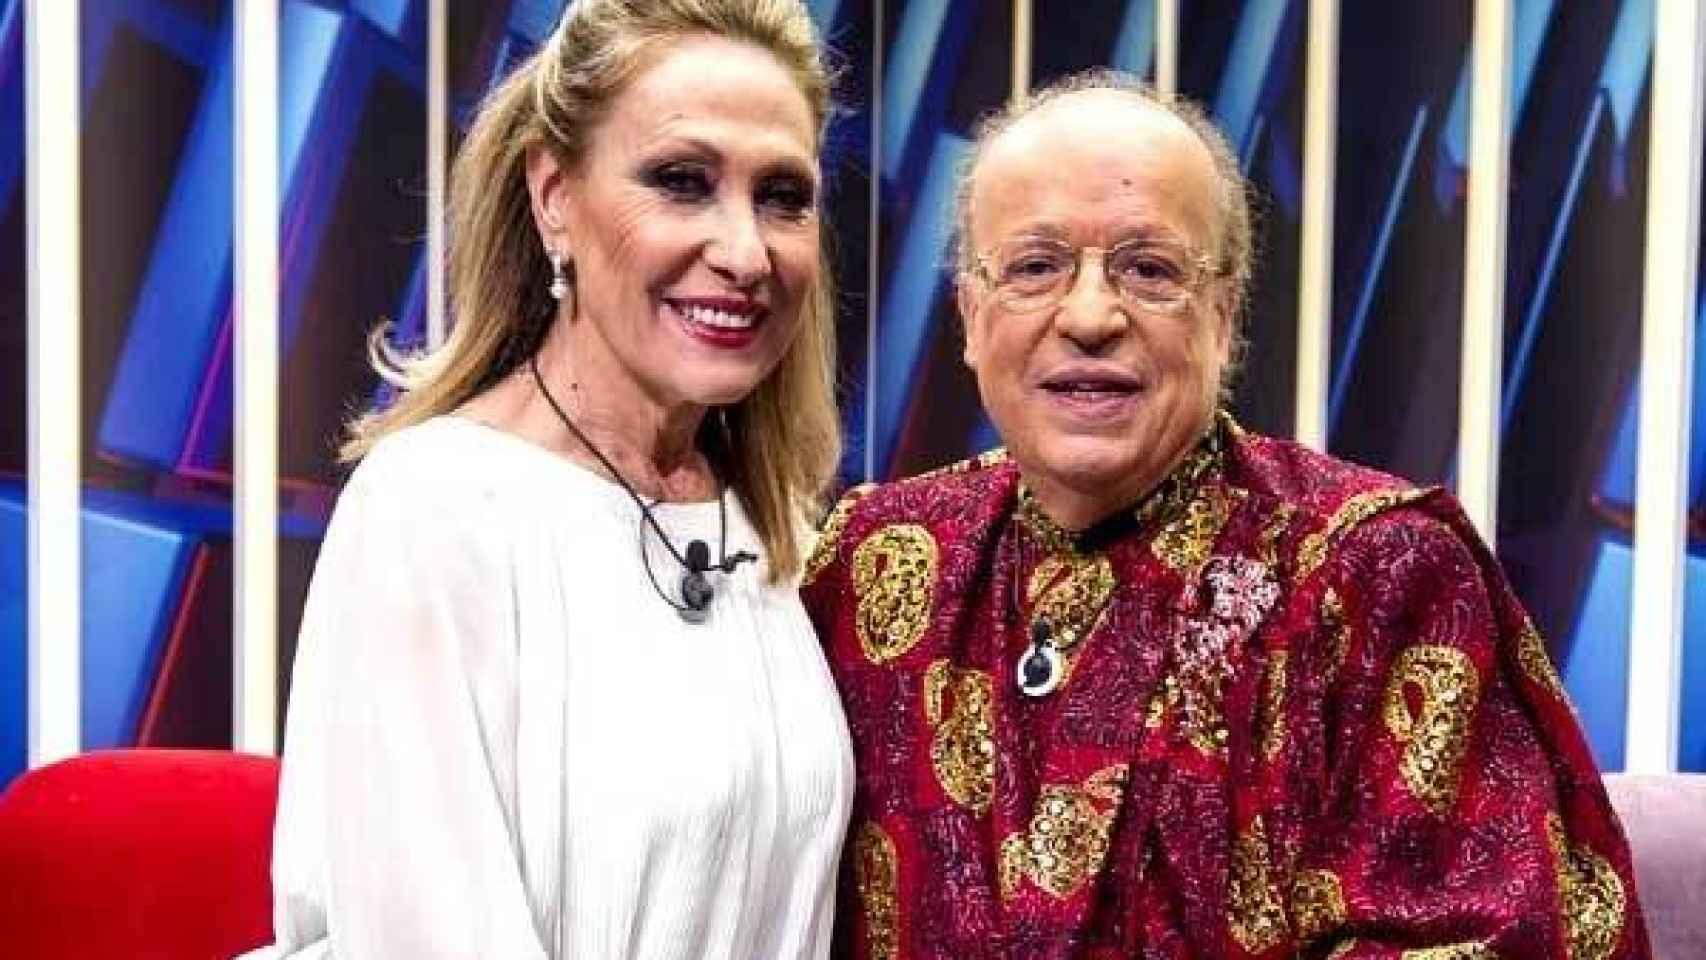 Rappel y Rosa Benito son dos de los concursantes confirmados